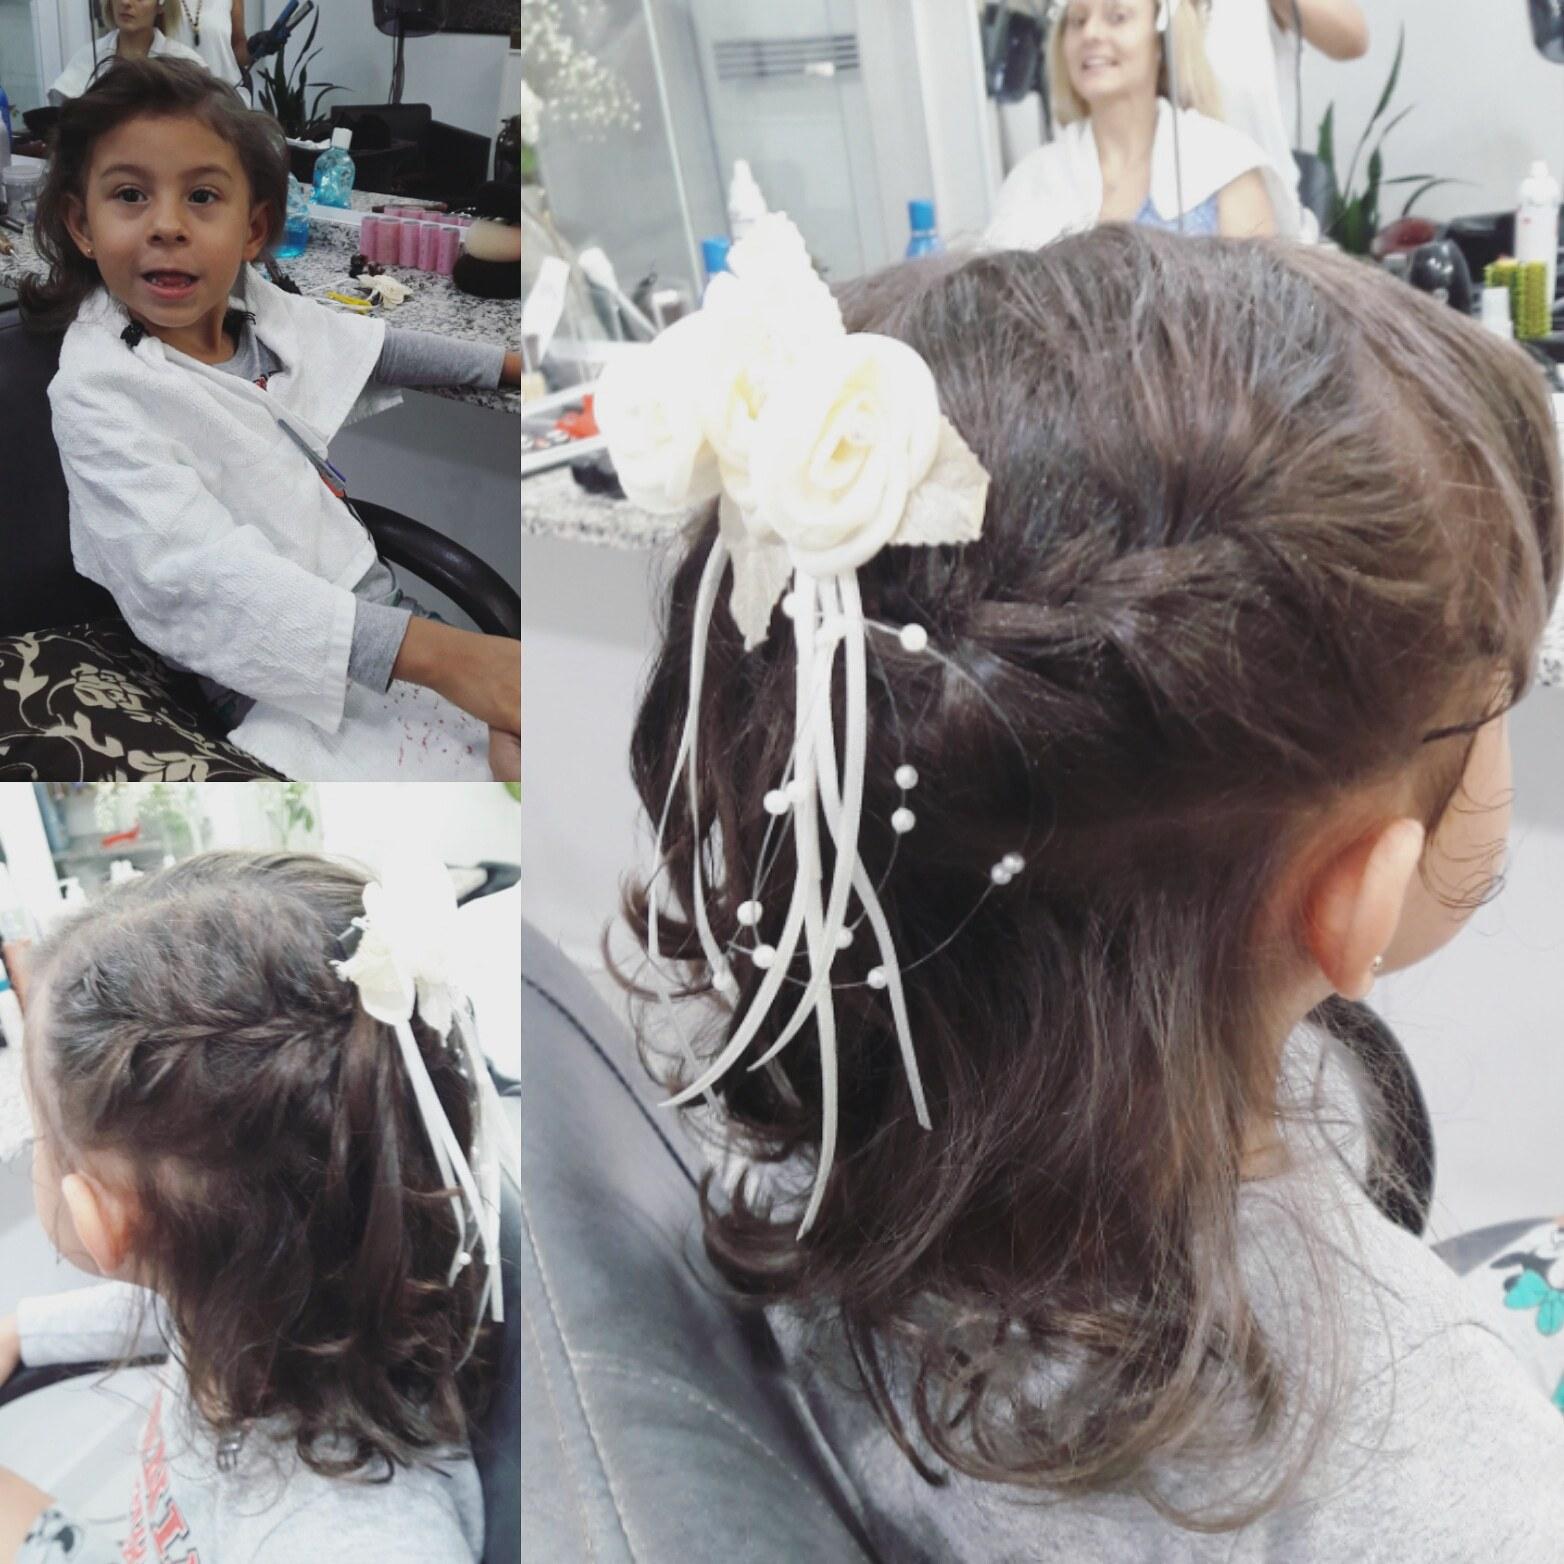 Penteado infantil. #penteados #penteadoinfantil cabelo cabeleireiro(a)